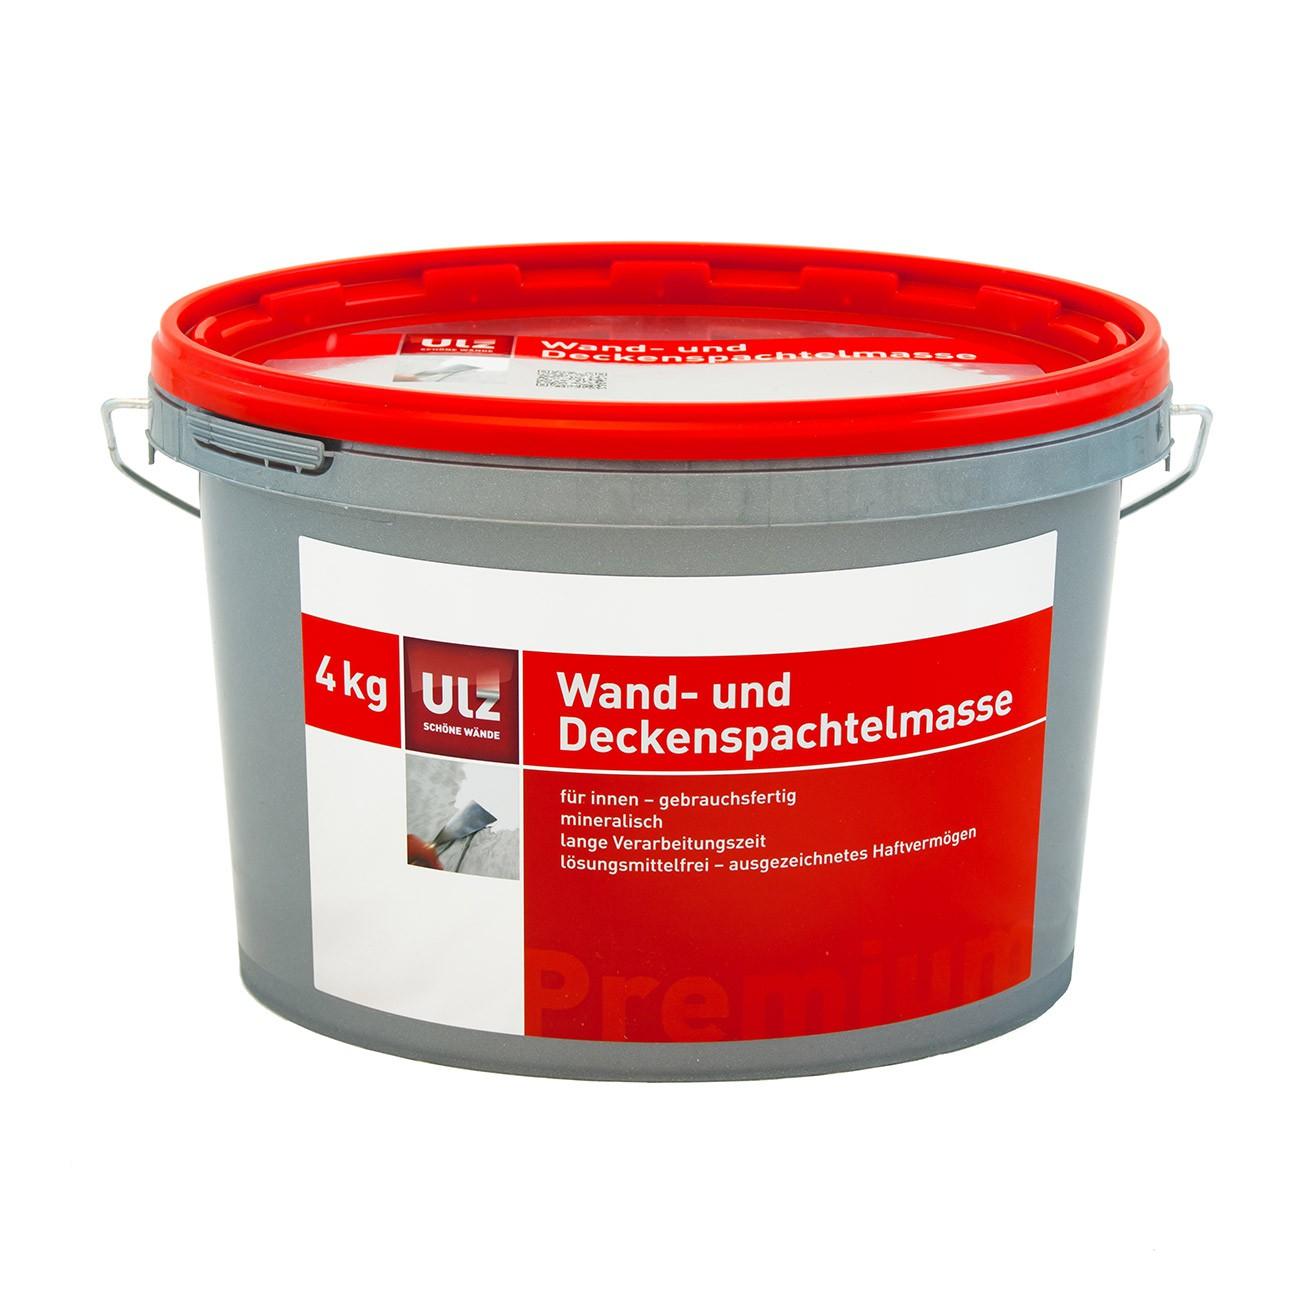 Wand- und Deckenspachtelmasse 4kg